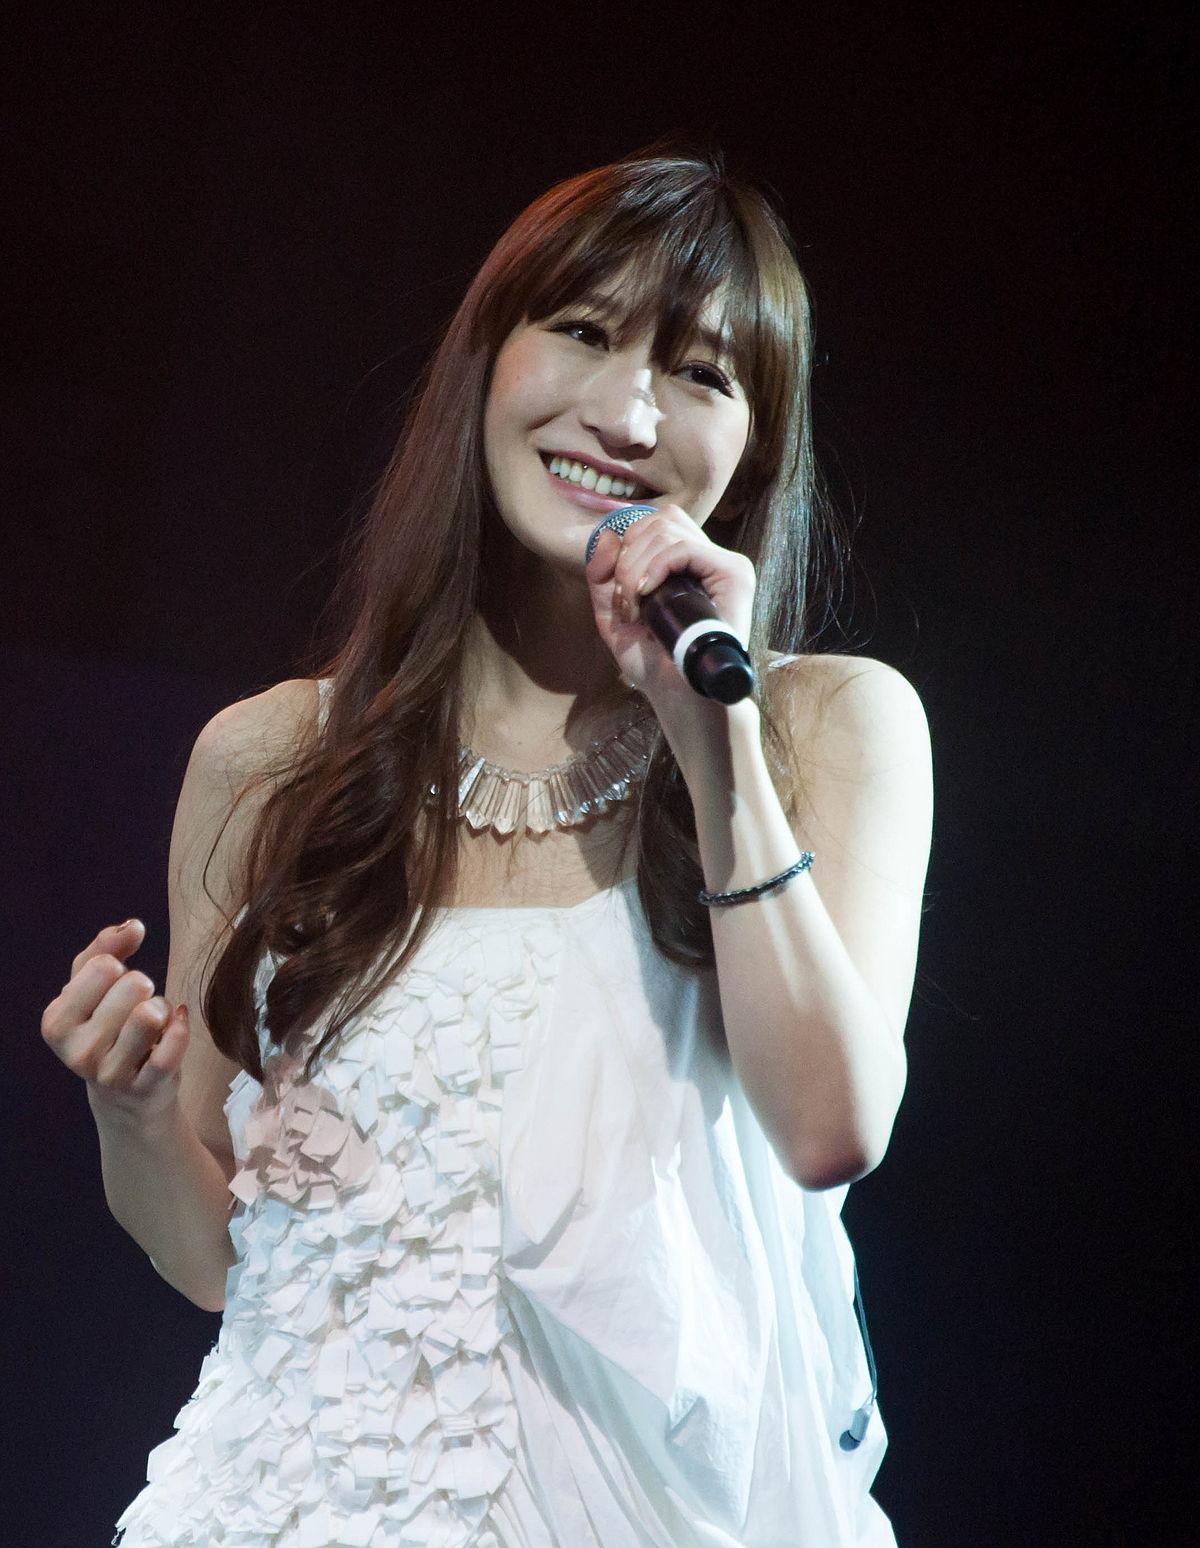 Elisa (Japanese singer) - Wikipedia